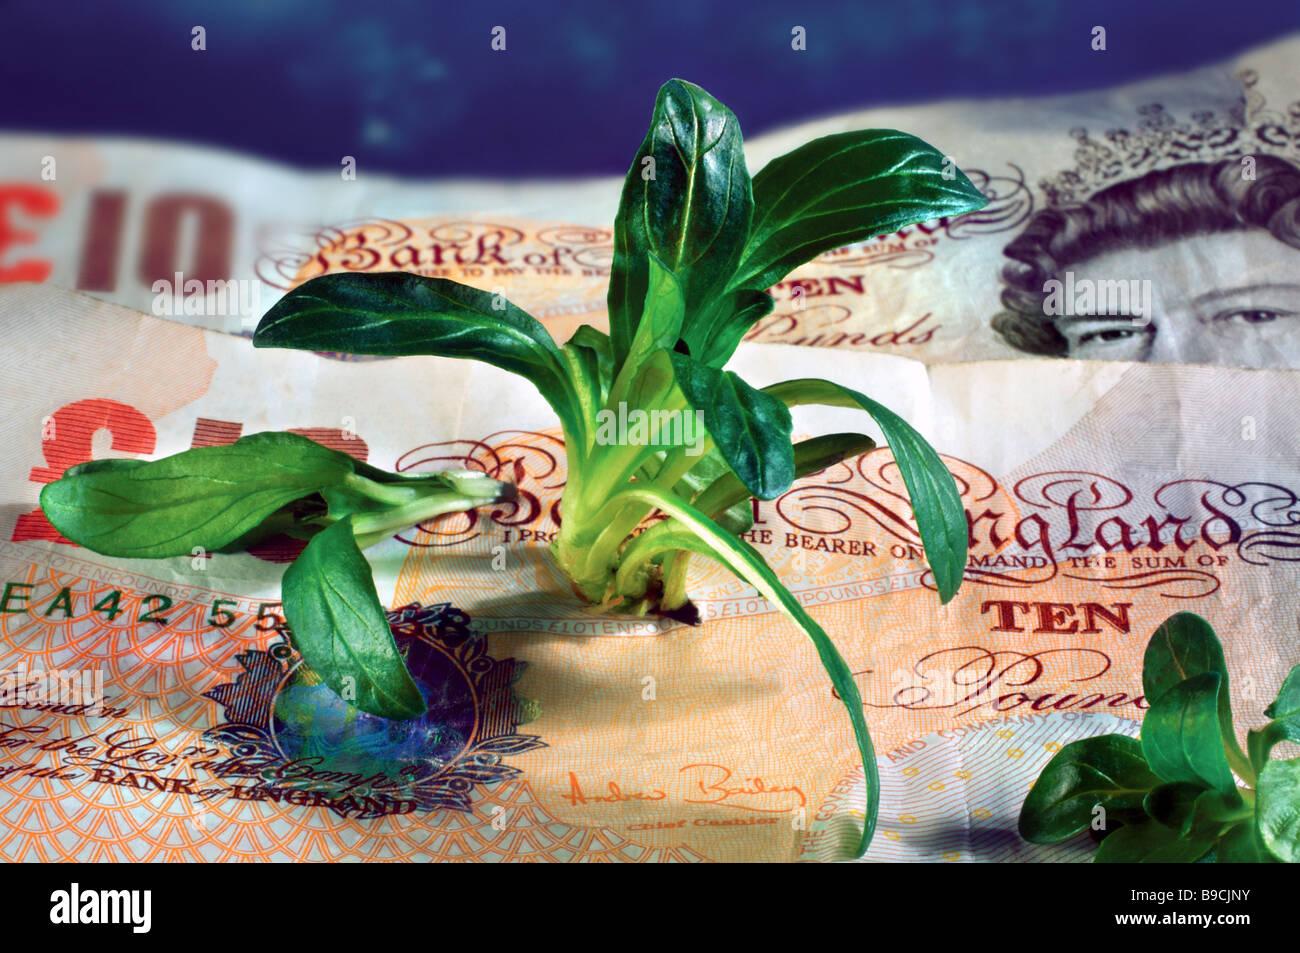 Les pousses vertes de la croissance économique de l'économie britannique de récupération Photo Stock